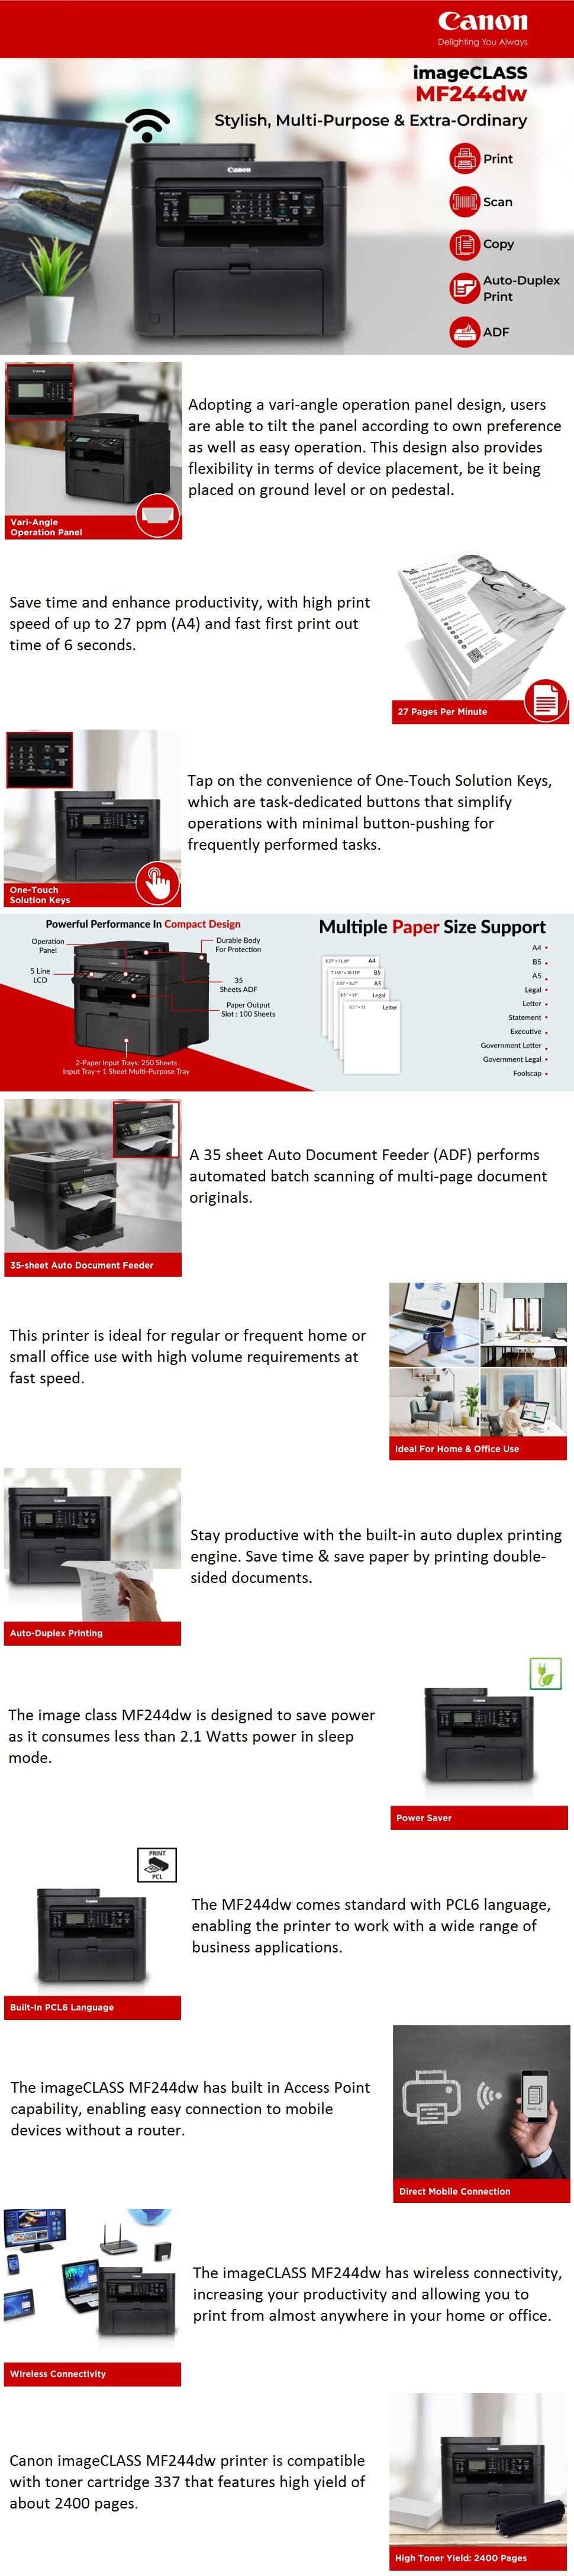 https://assetscdn1.paytm.com/images/catalog/product/L/LA/LARCANON-MF244DITDE209153B2E2DDA/19.png